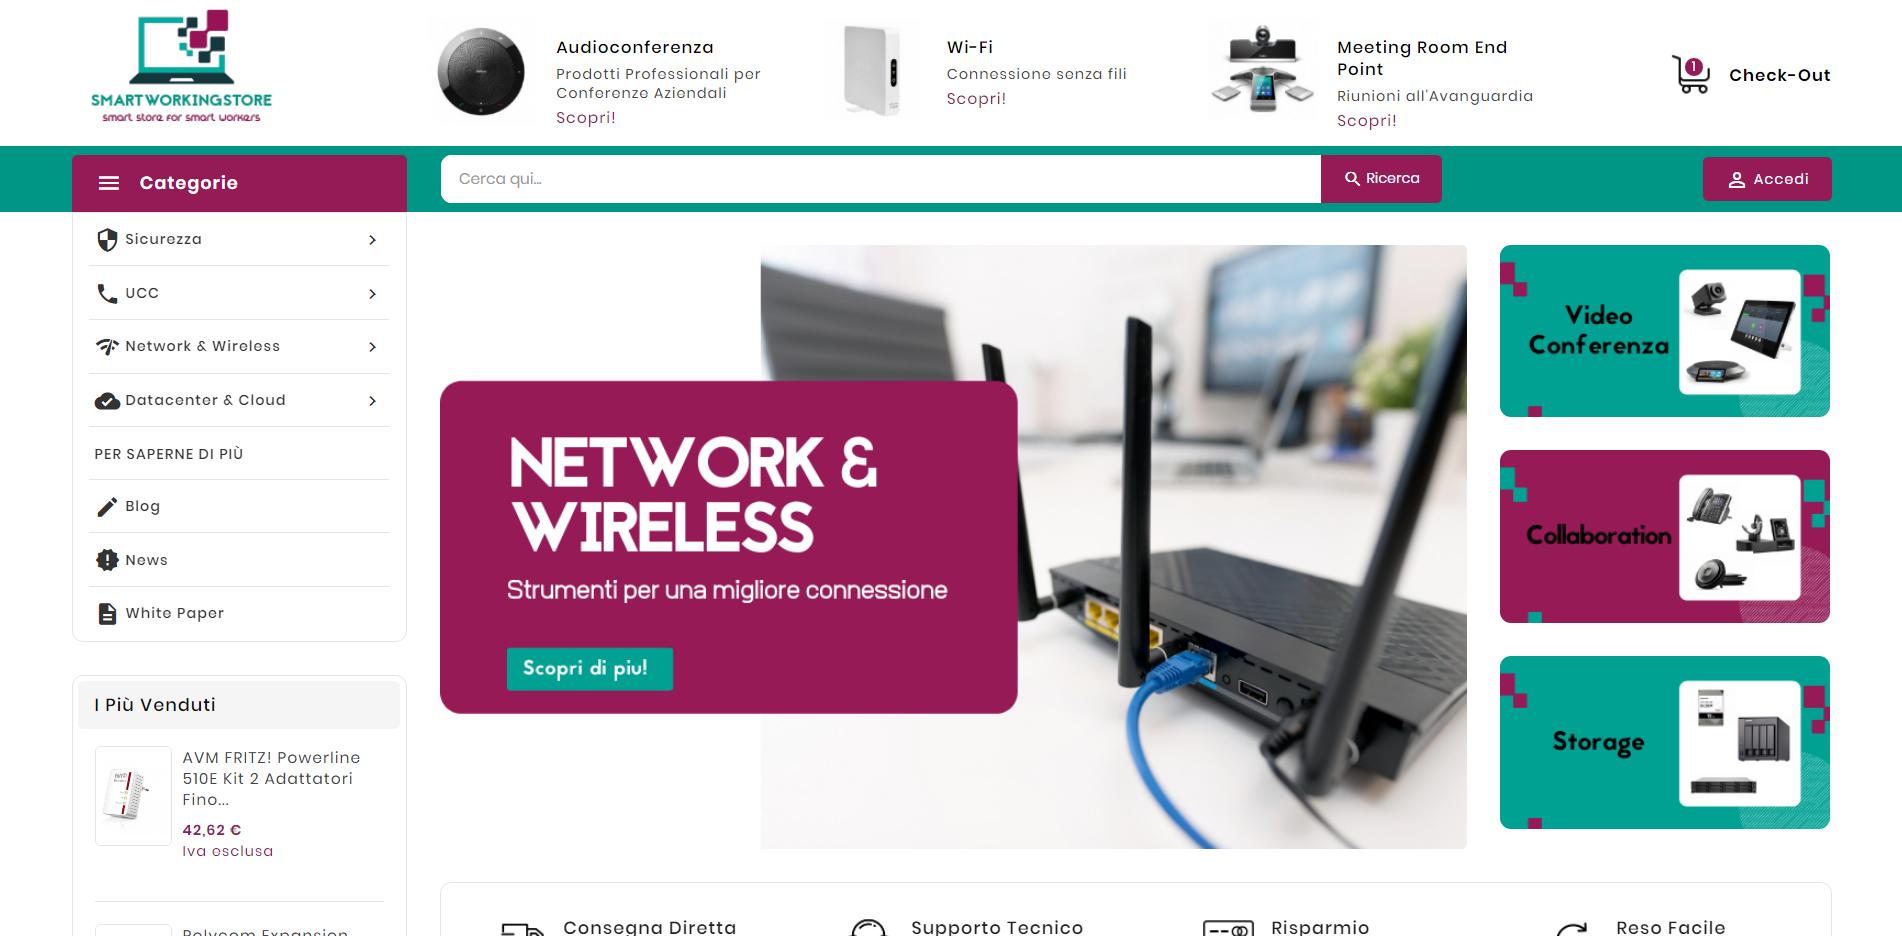 schermata homepage del sito smartworklingstore.com